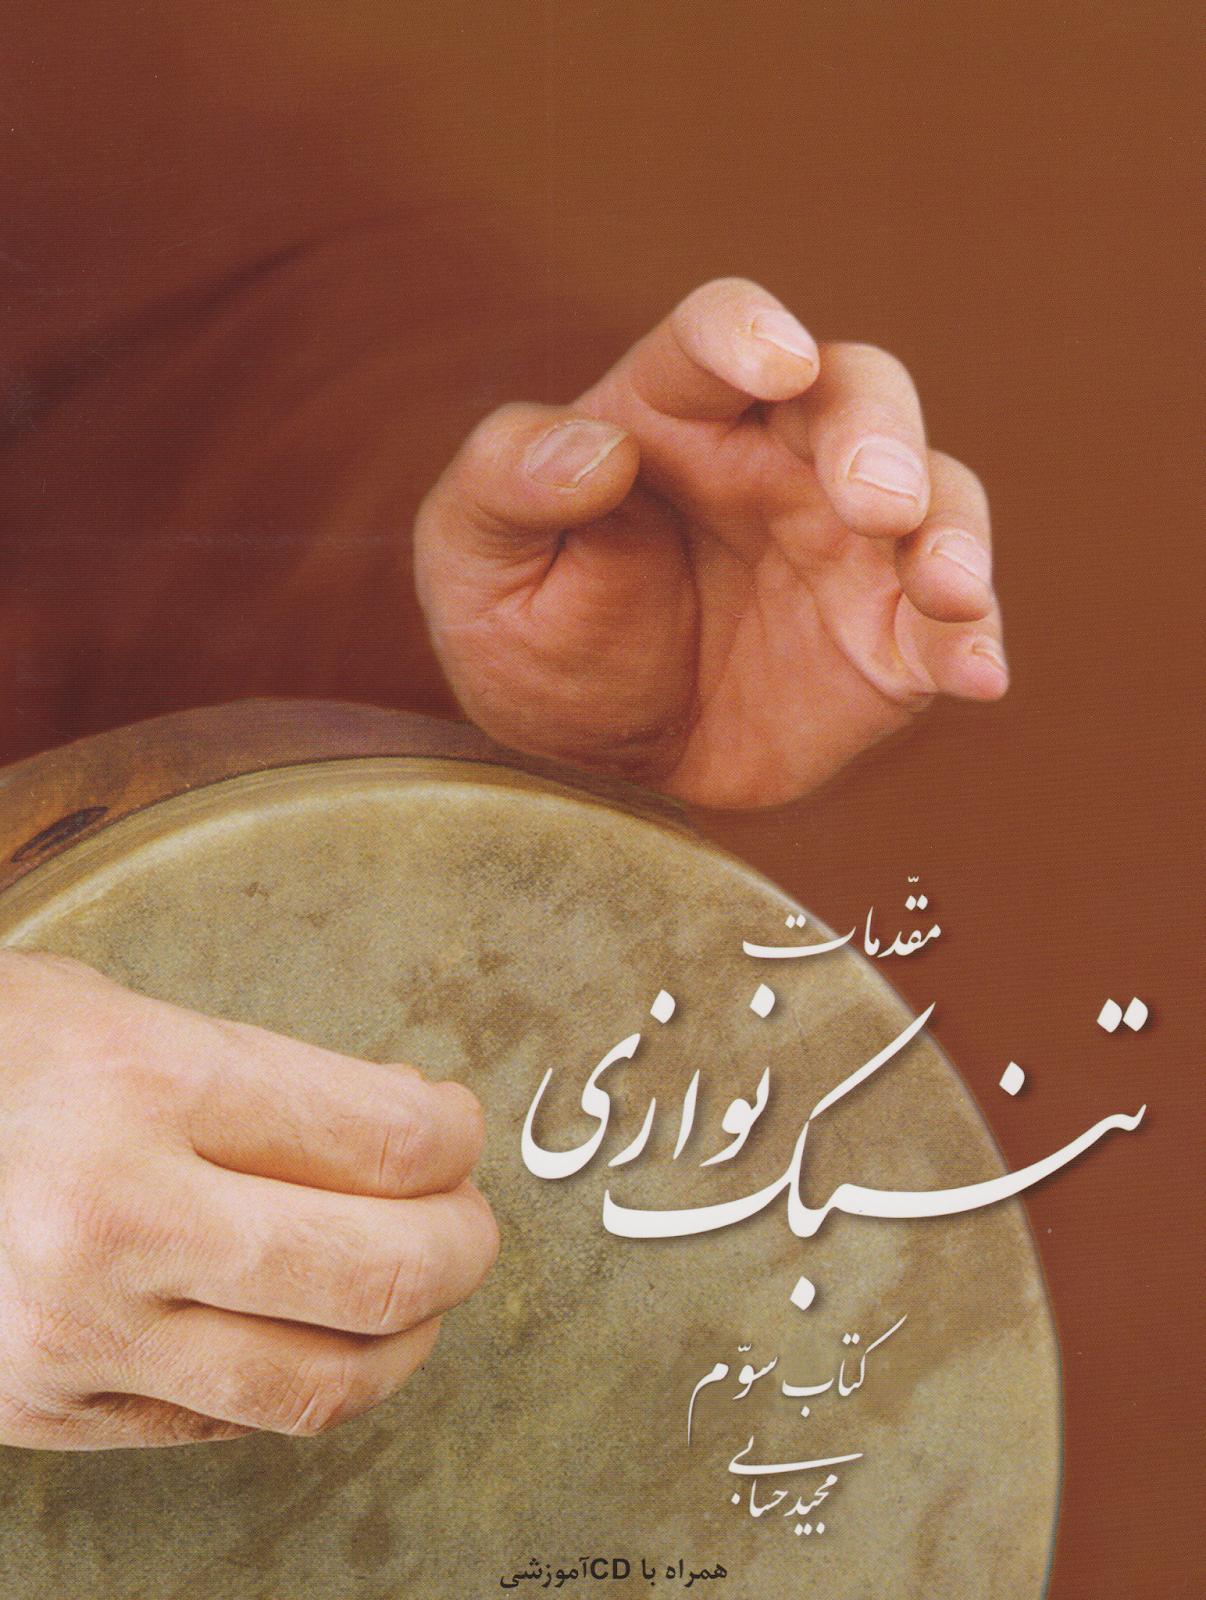 کتاب سوم مقدمات تنبکنوازی مجید حسابی با سیدی انتشارات رهام